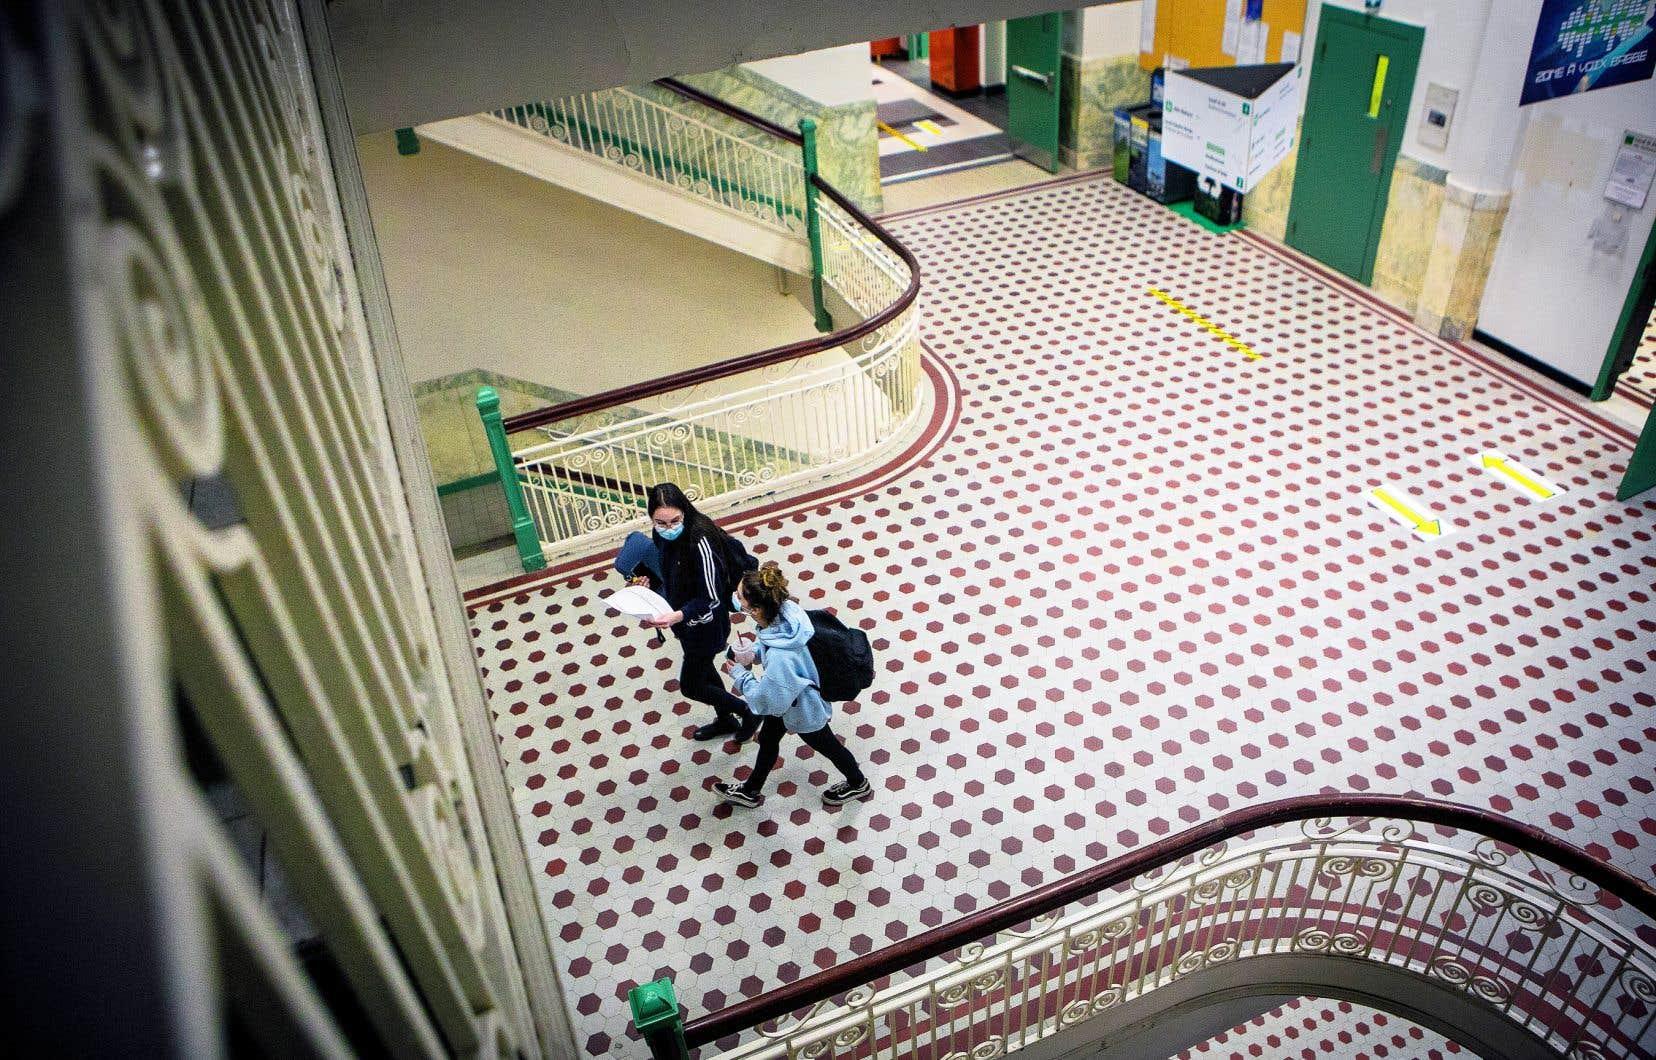 Le Collège Lionel-Groulx, à Sainte-Thérèse, s'est donné comme objectif que chaque élève ait une journée en présentiel par semaine pour cette session d'hiver, dans un but de réussite scolaire et de santé mentale.